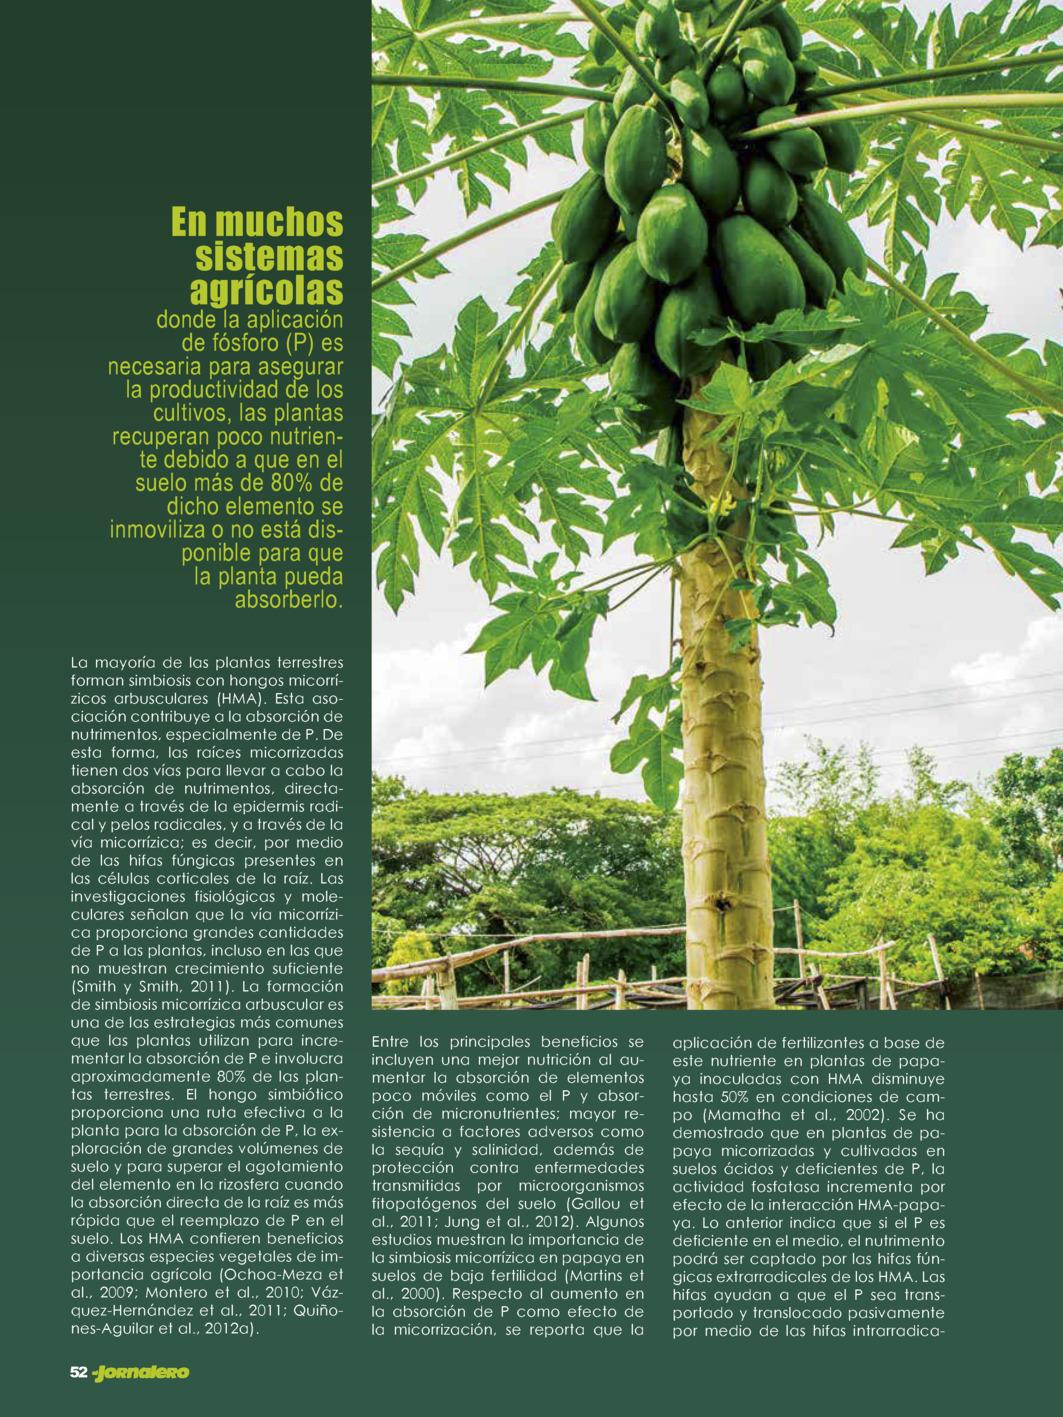 Index of /edicionesdigitales/images/images/1369-ElJornalero